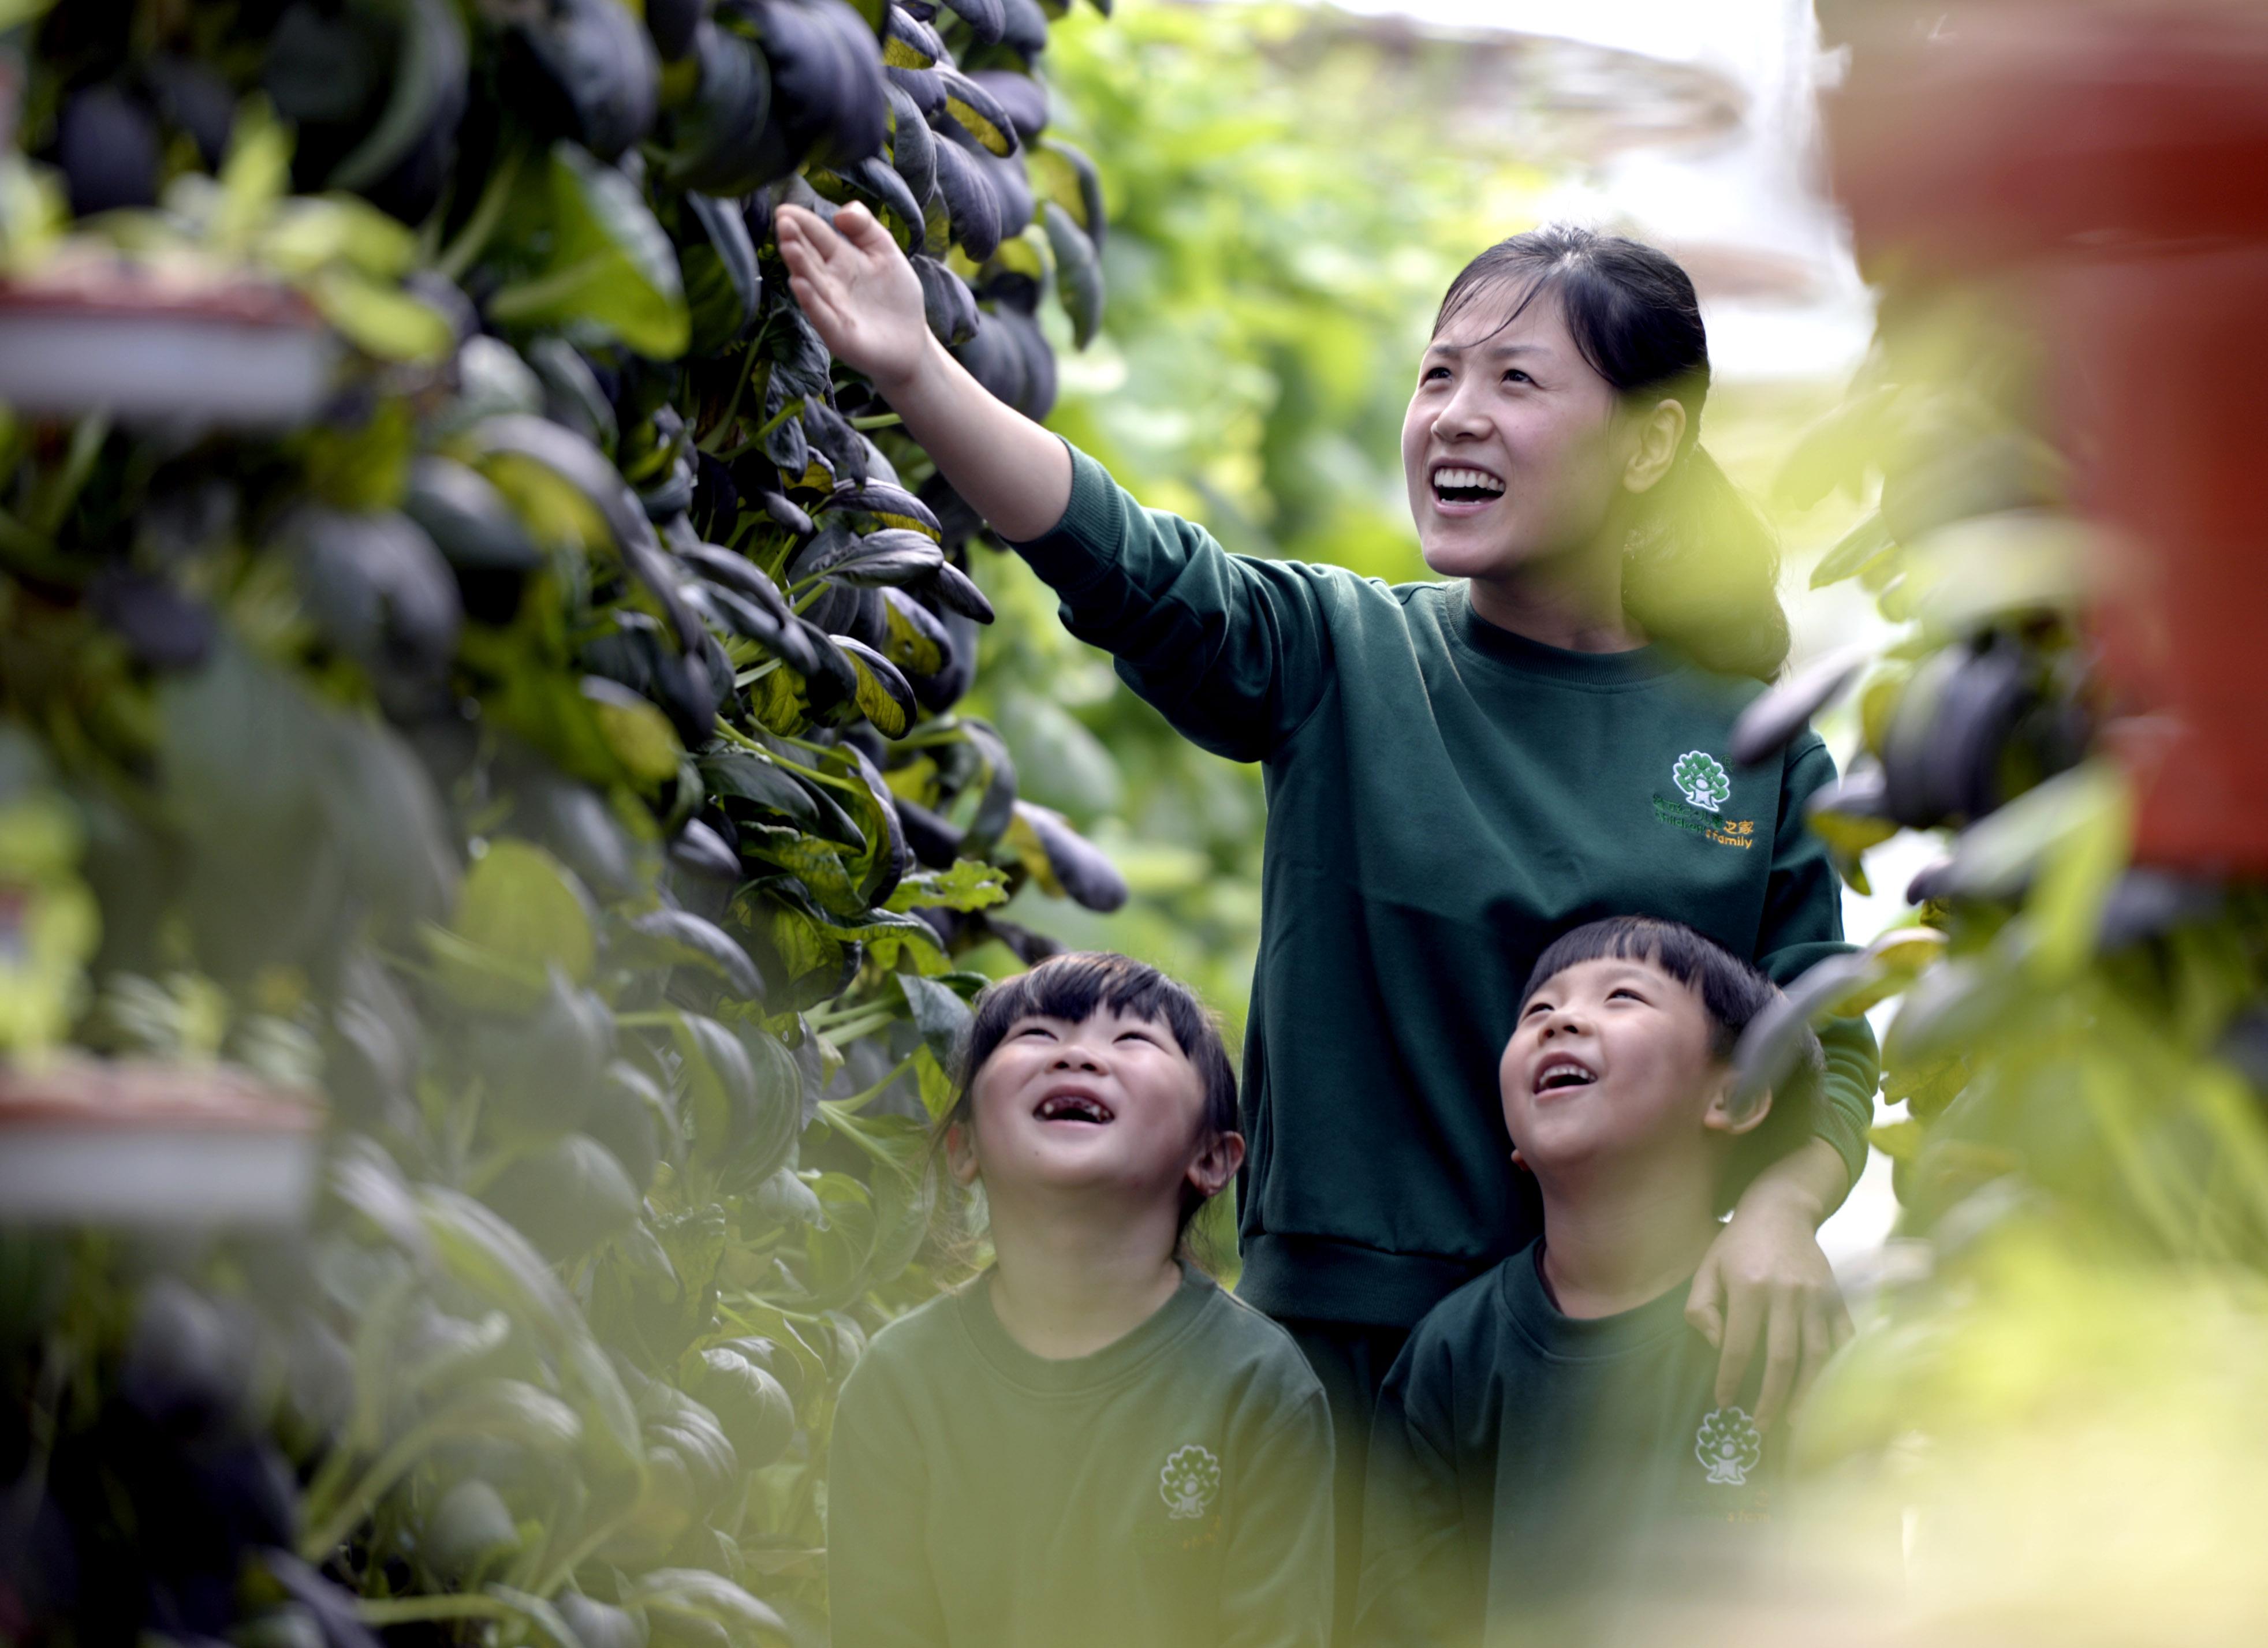 ↑10月19日,老师李晓飞向小朋友们讲解紫油菜的种植知识。CICPHOTO/霍红军 摄